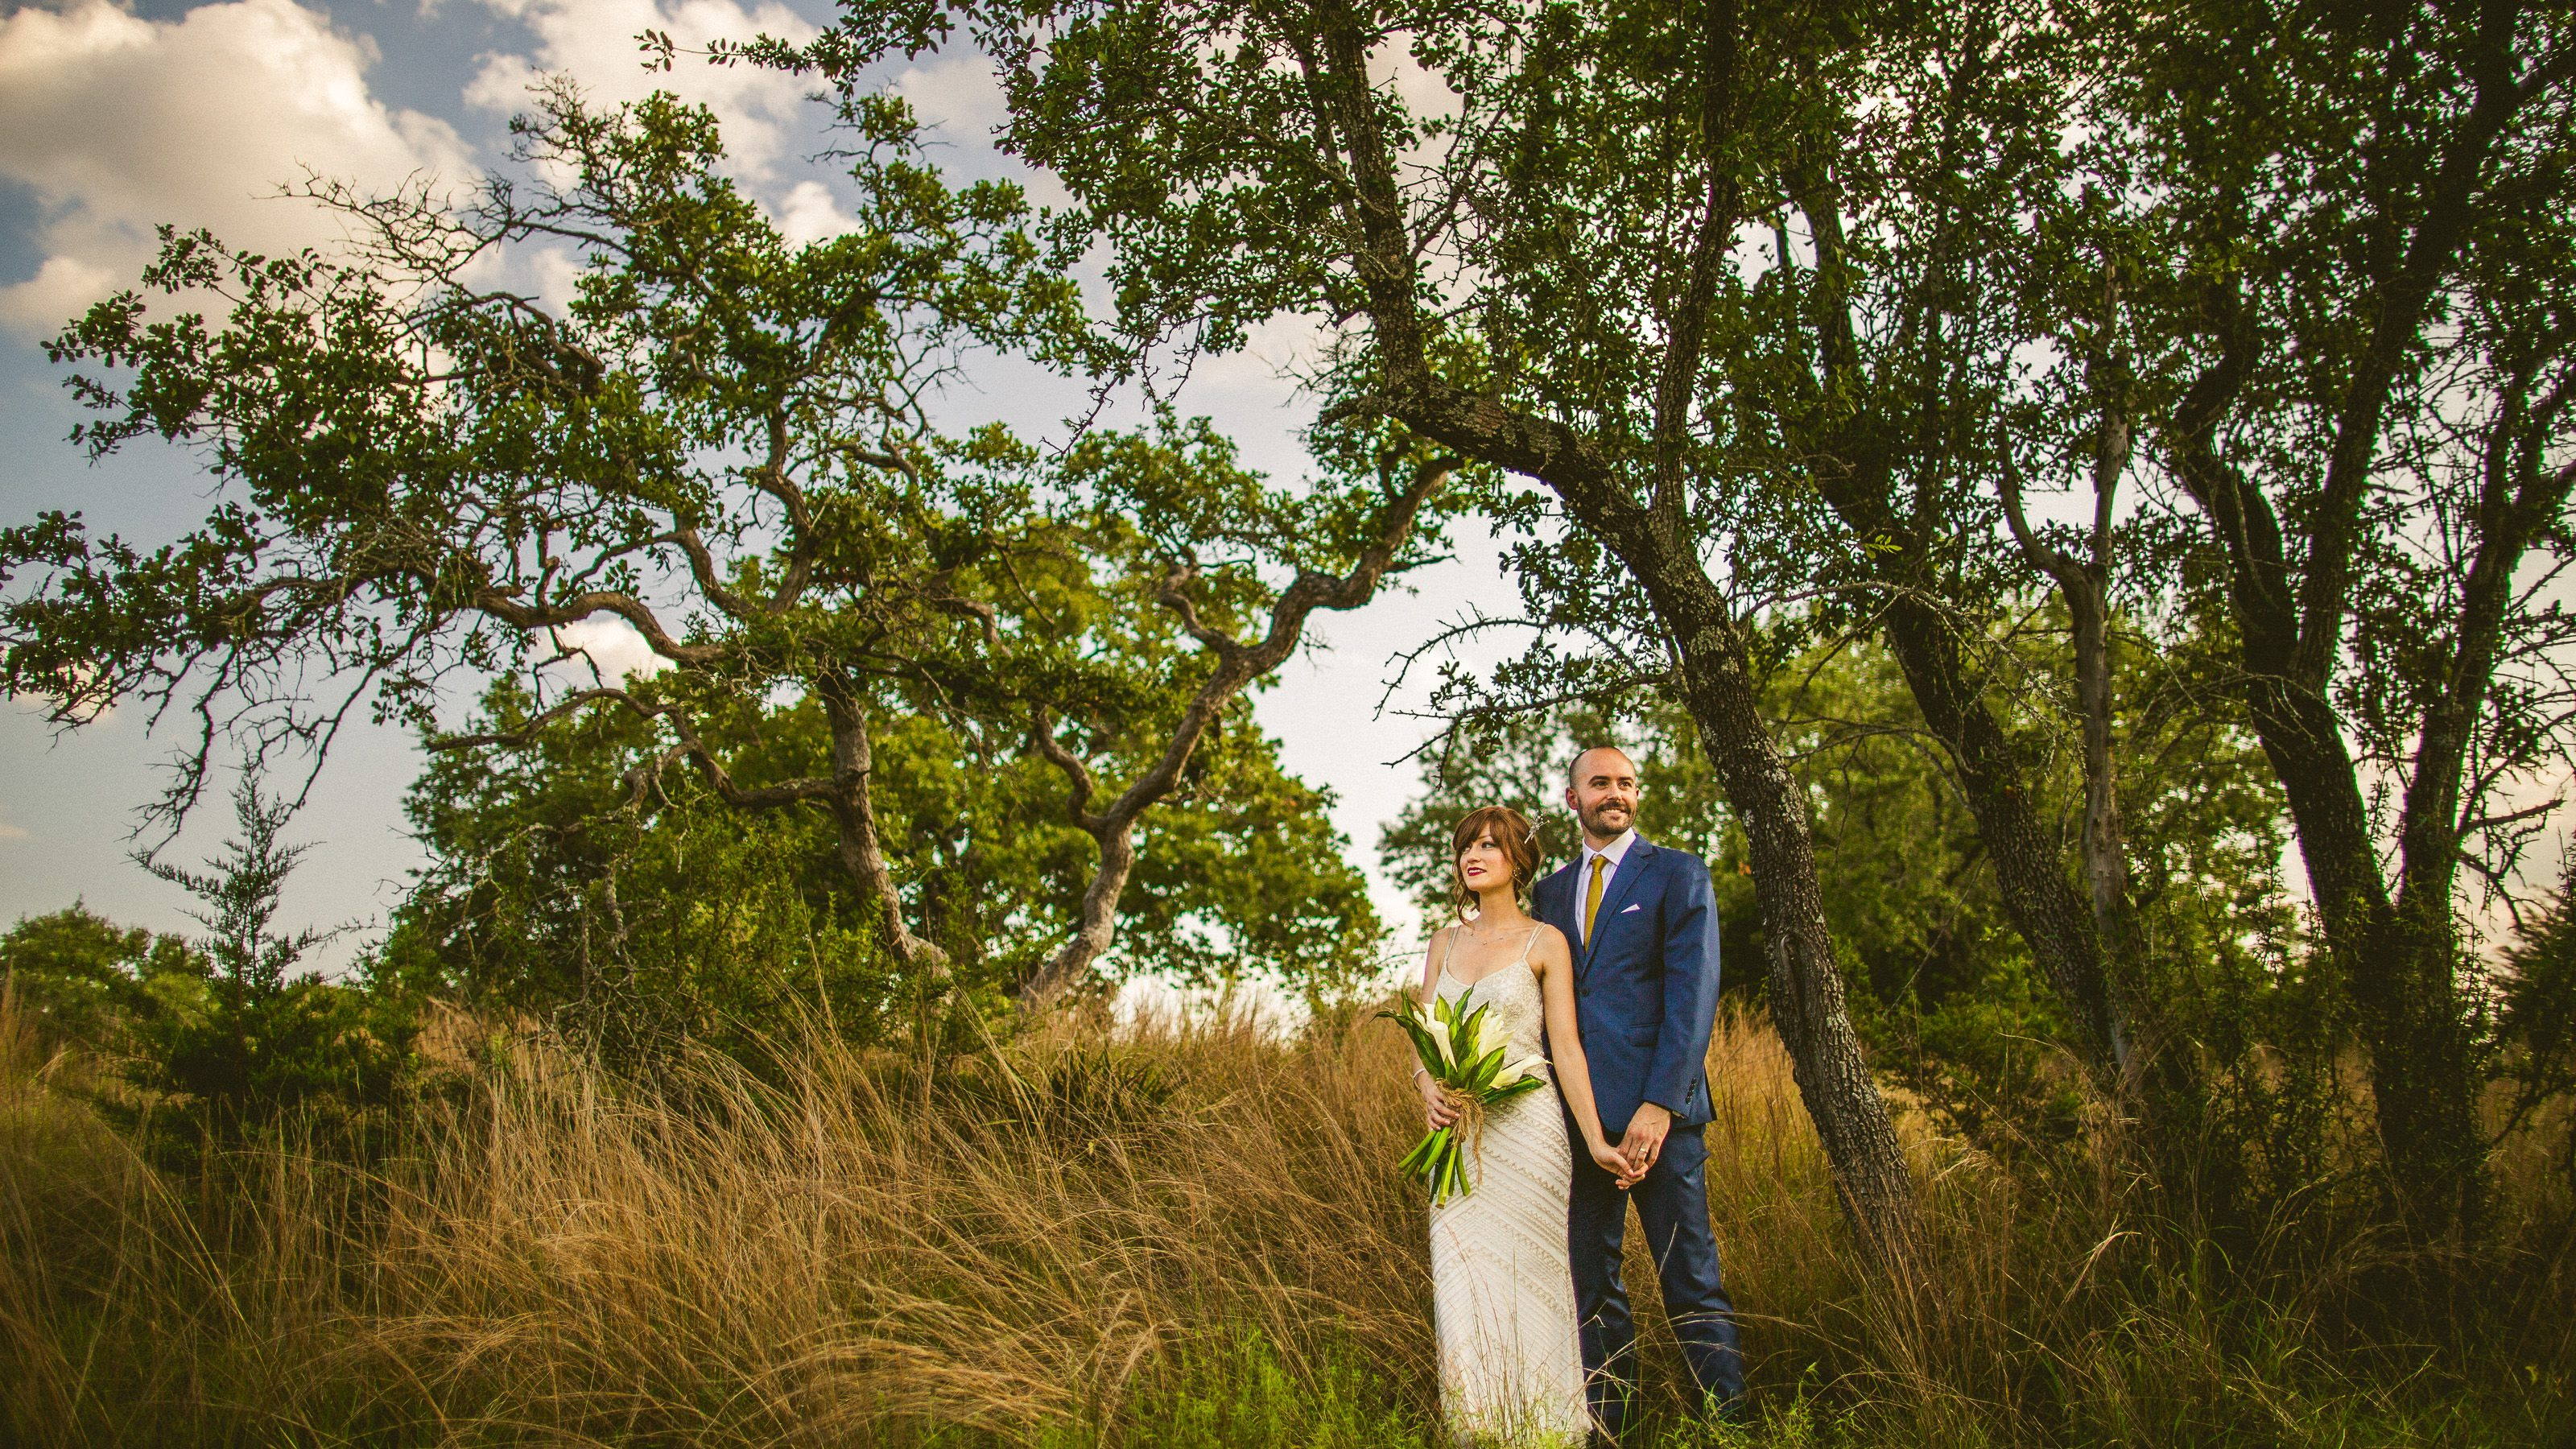 Vista West Ranch Wedding // Sarah & David